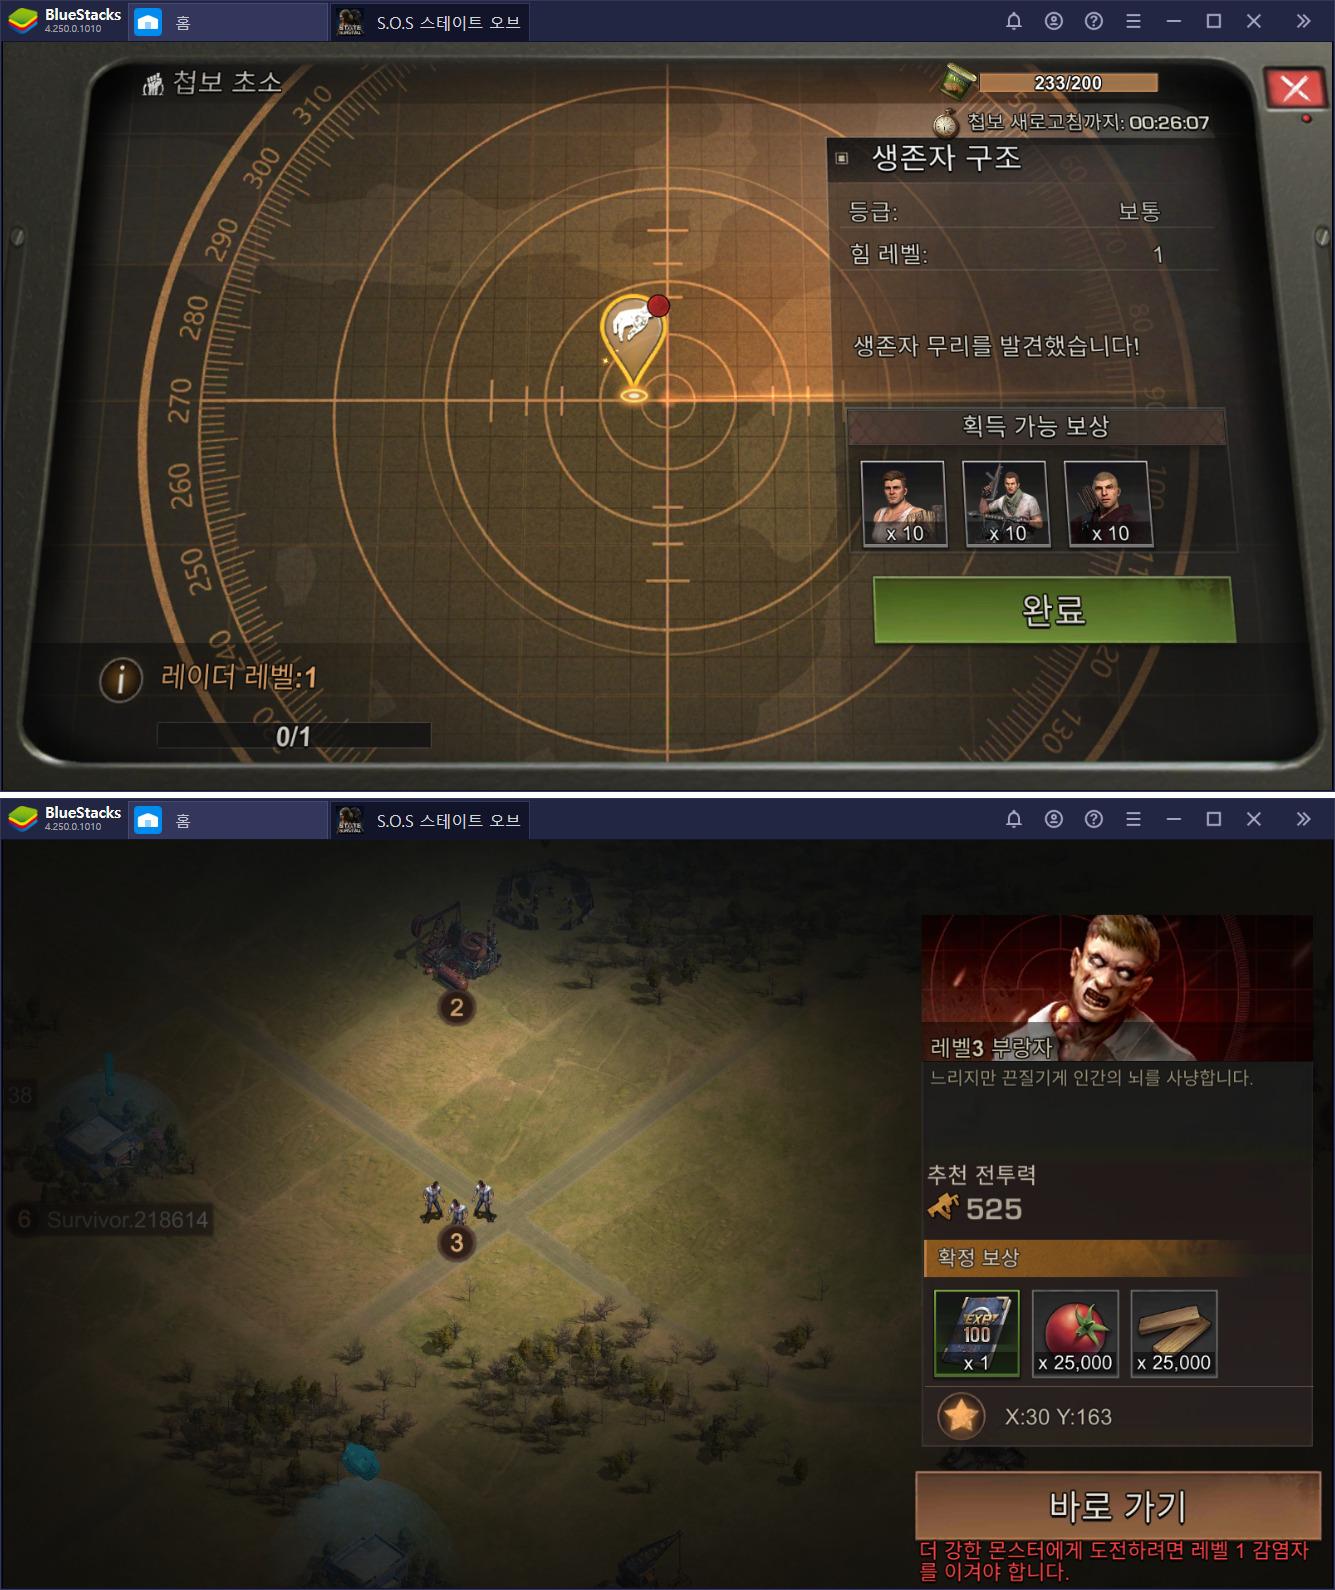 S.O.S:스테이트 오브 서바이벌 PC로 자원 수급하는 공략 팁!